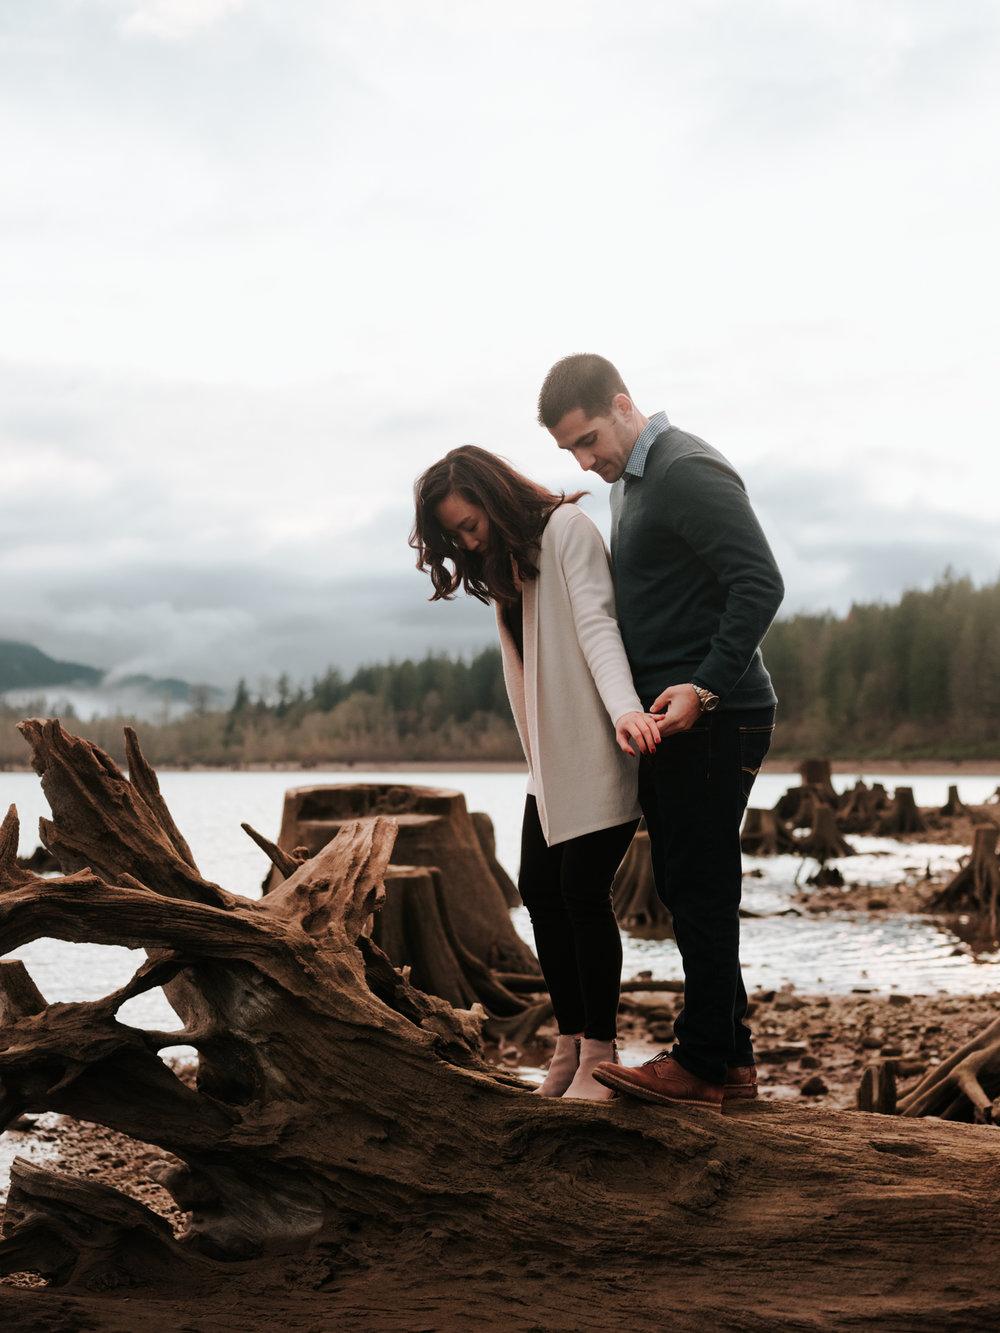 Seattle Engagement Photographer_Stolen Glimpses 59.jpg